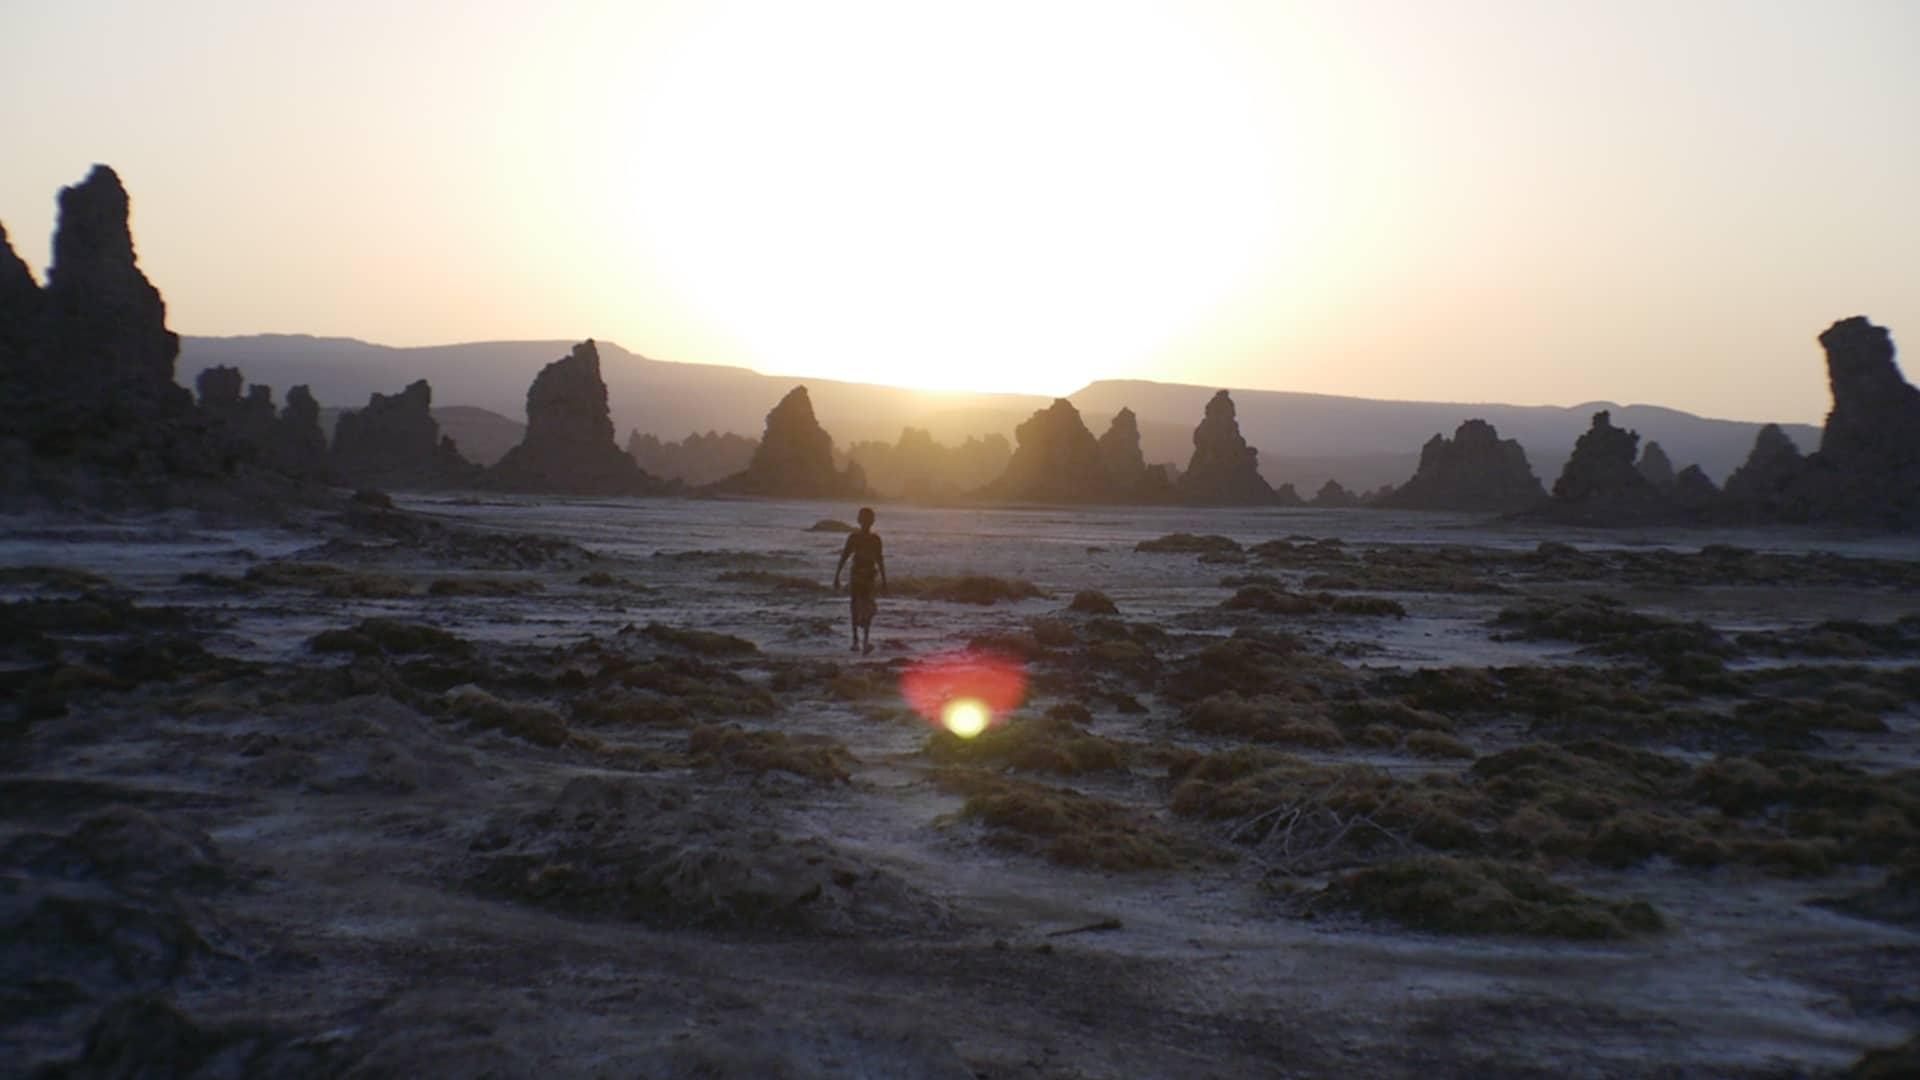 Sunrise on Lake Abbe in Djibouti